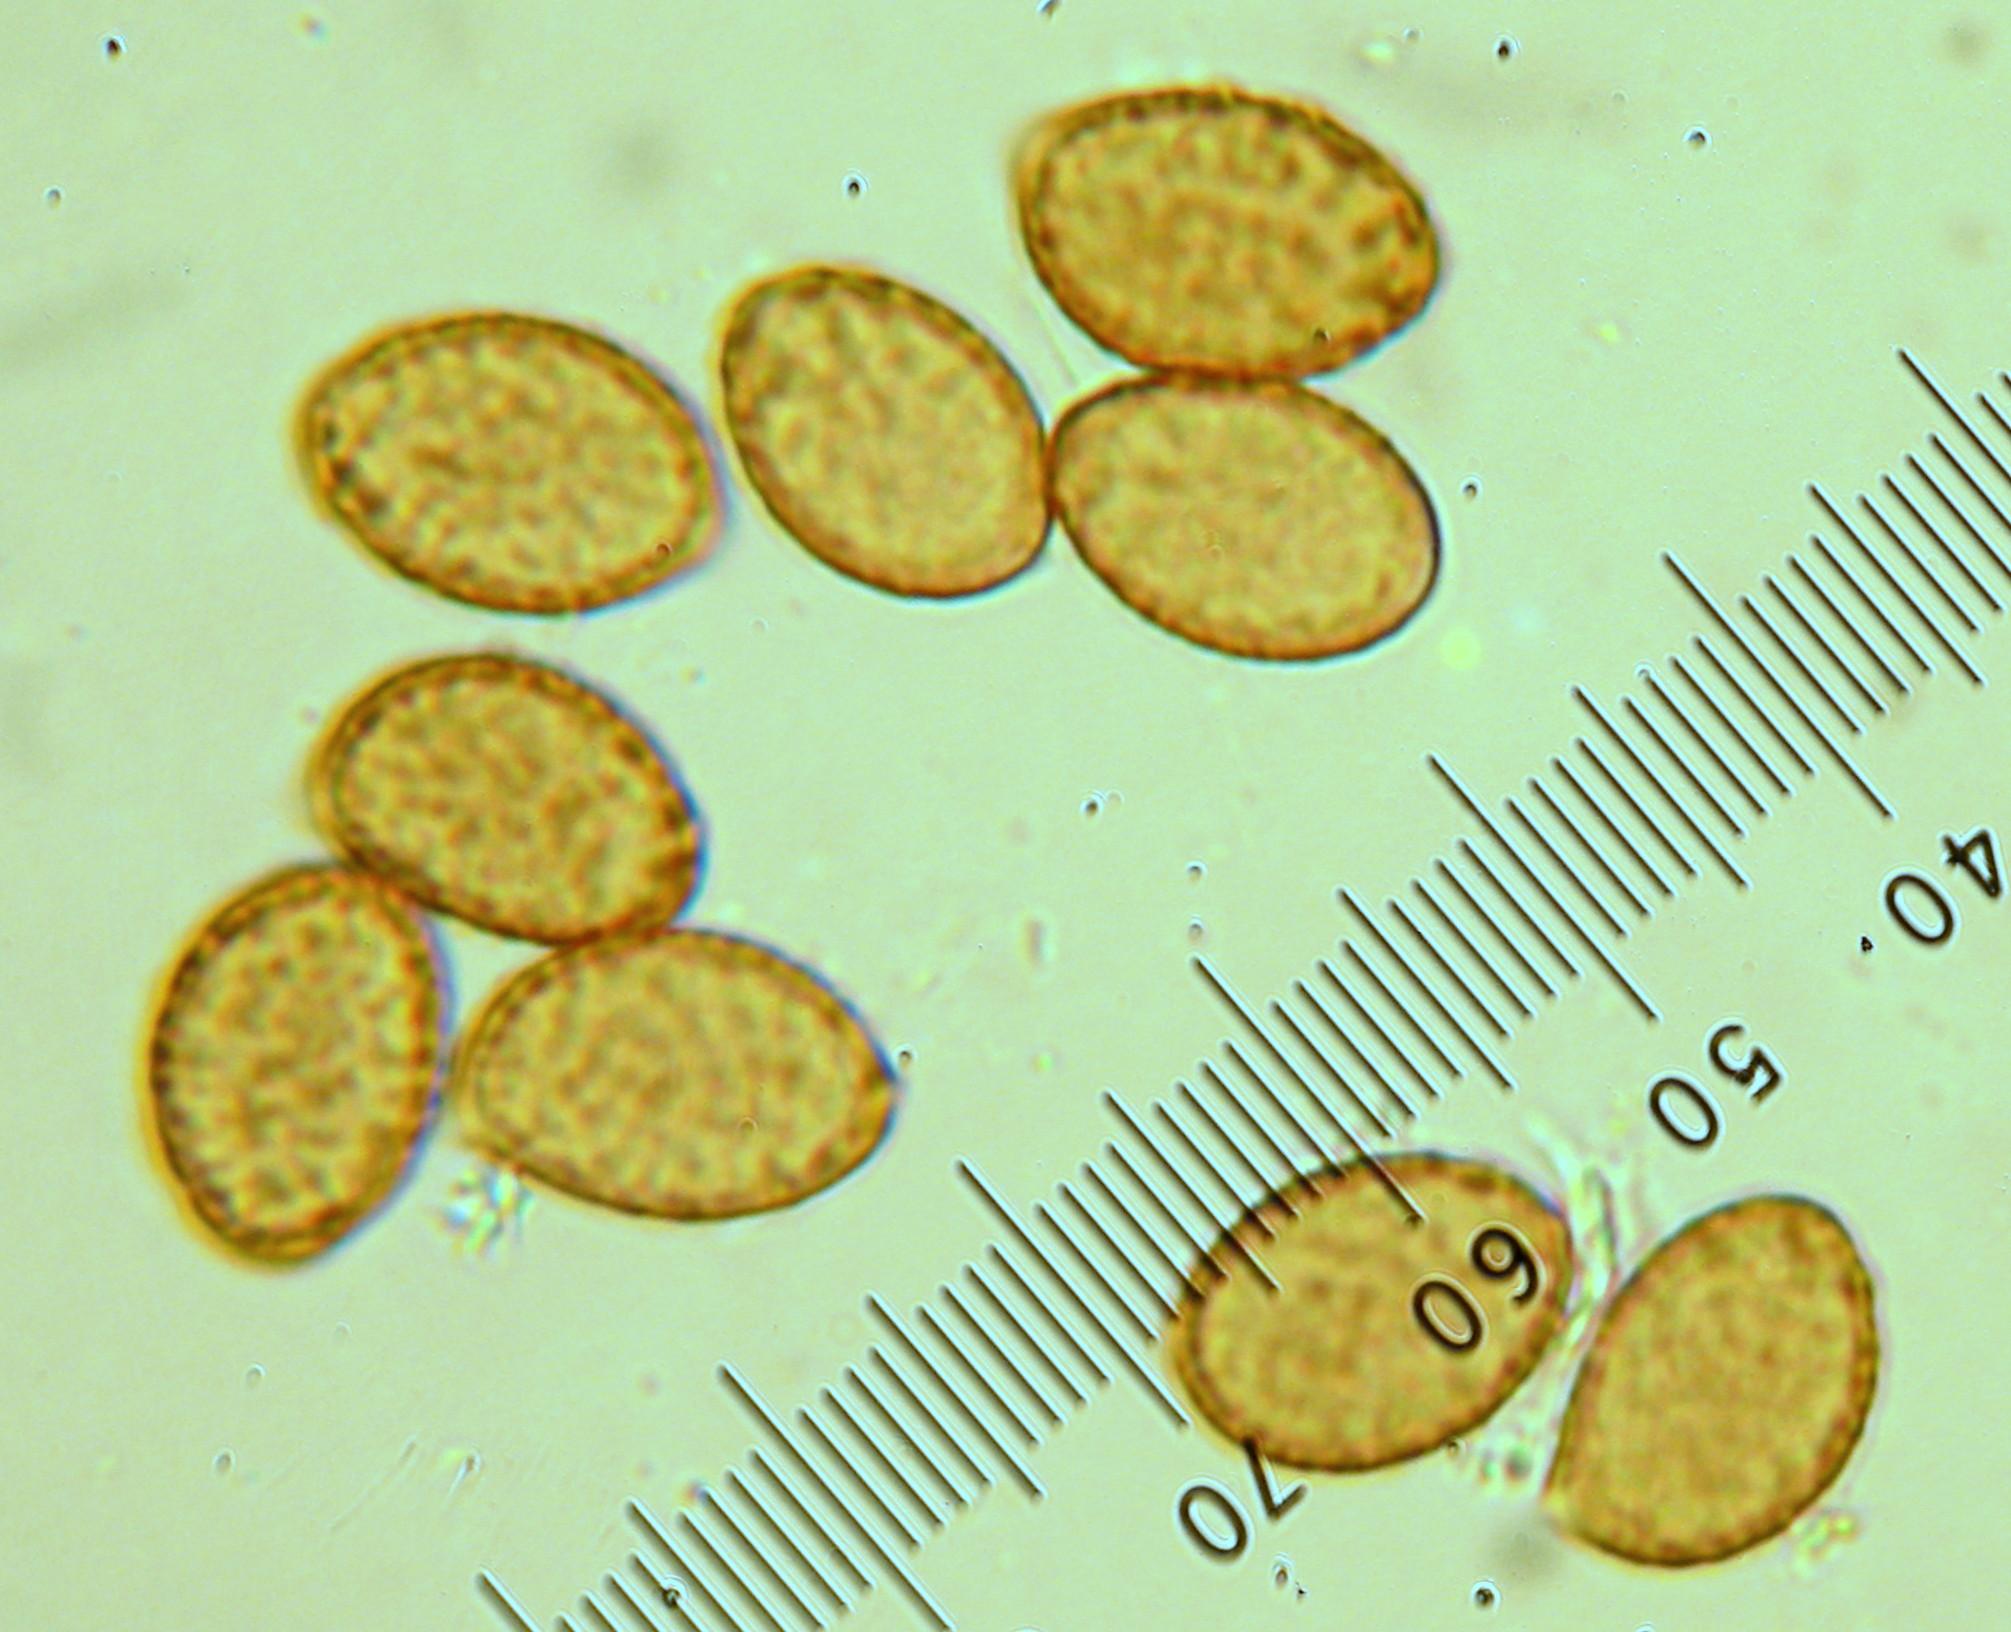 Cortinarius fulvo-ochrascens image